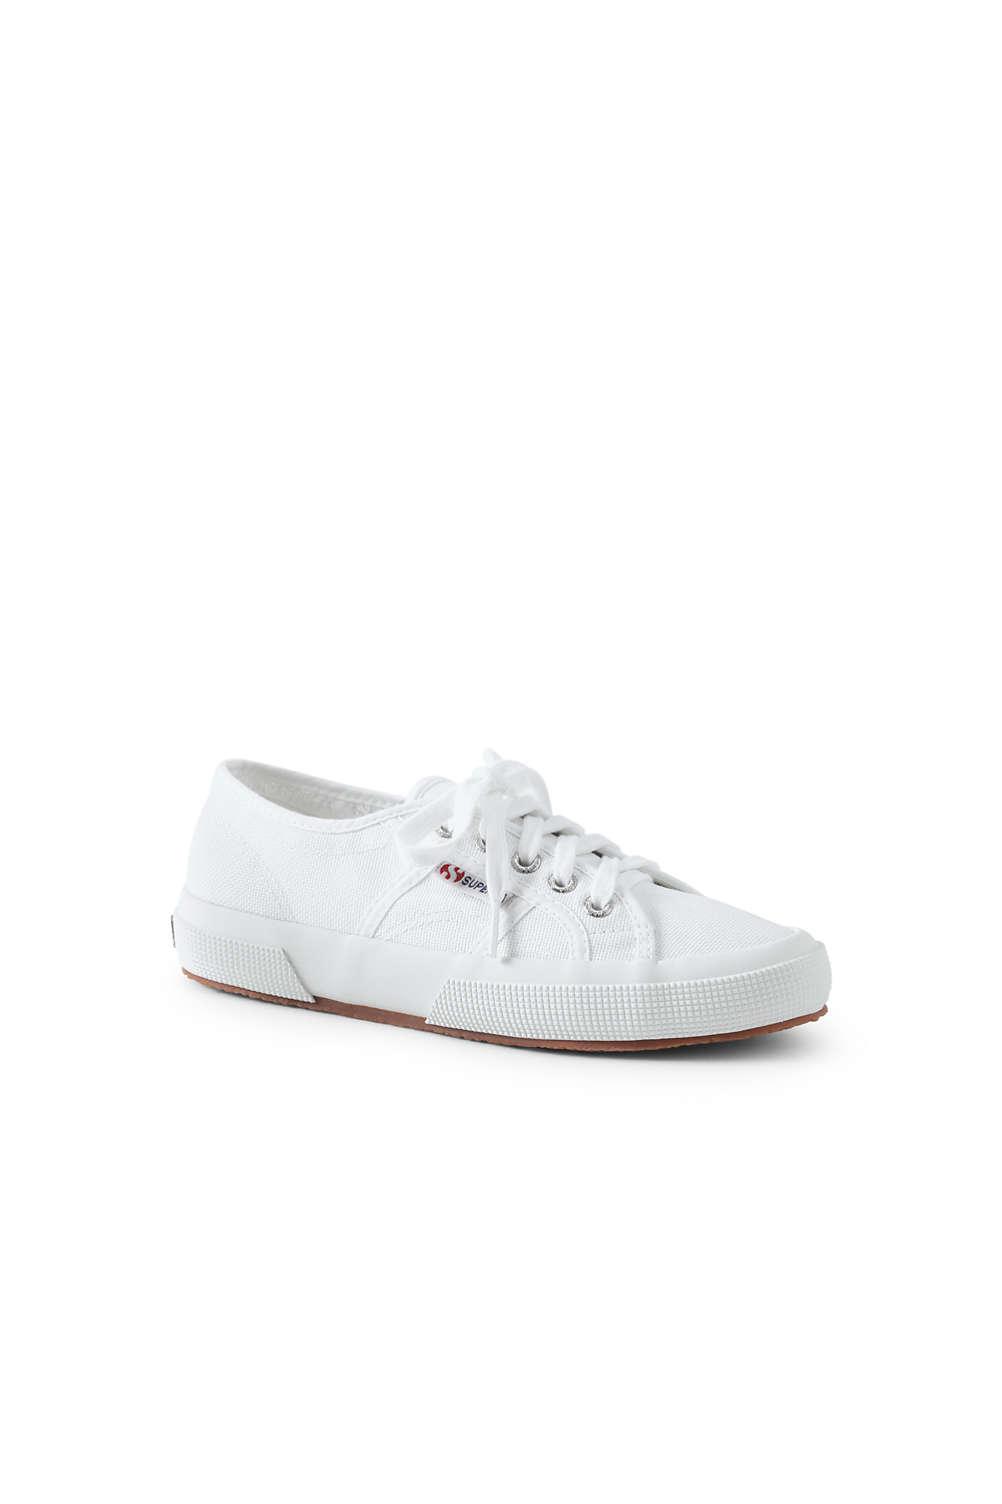 best cheap 8271a 07df5 Women's Superga 2750 COTU Classic Sneakers